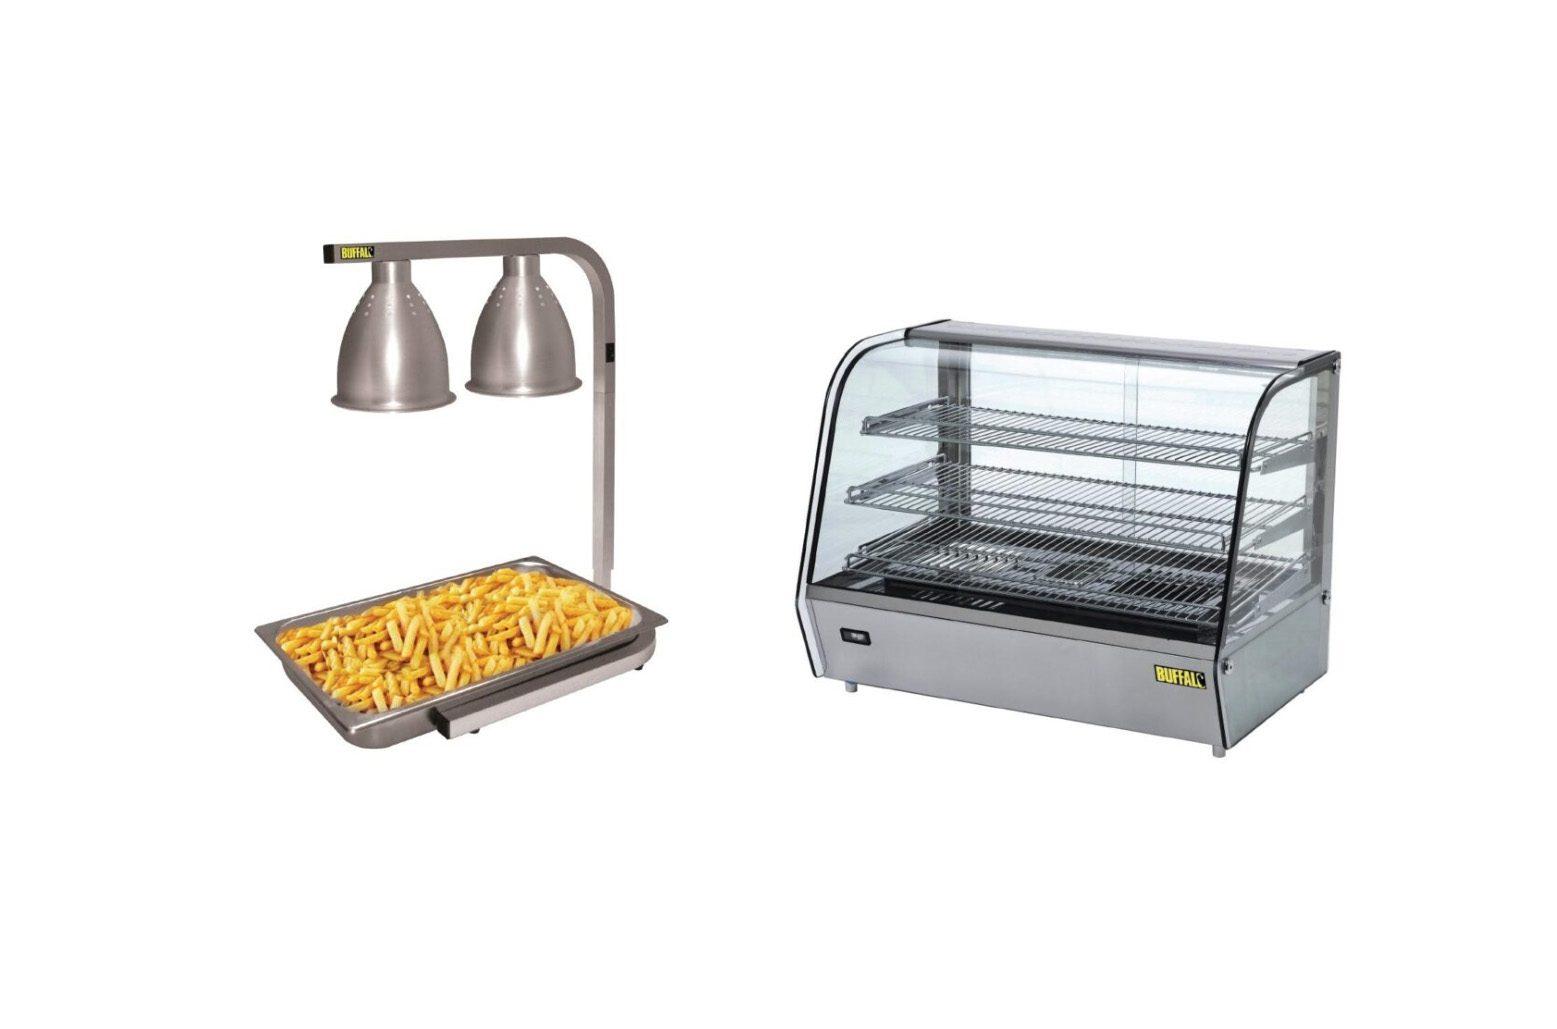 Voedsel warmhouden